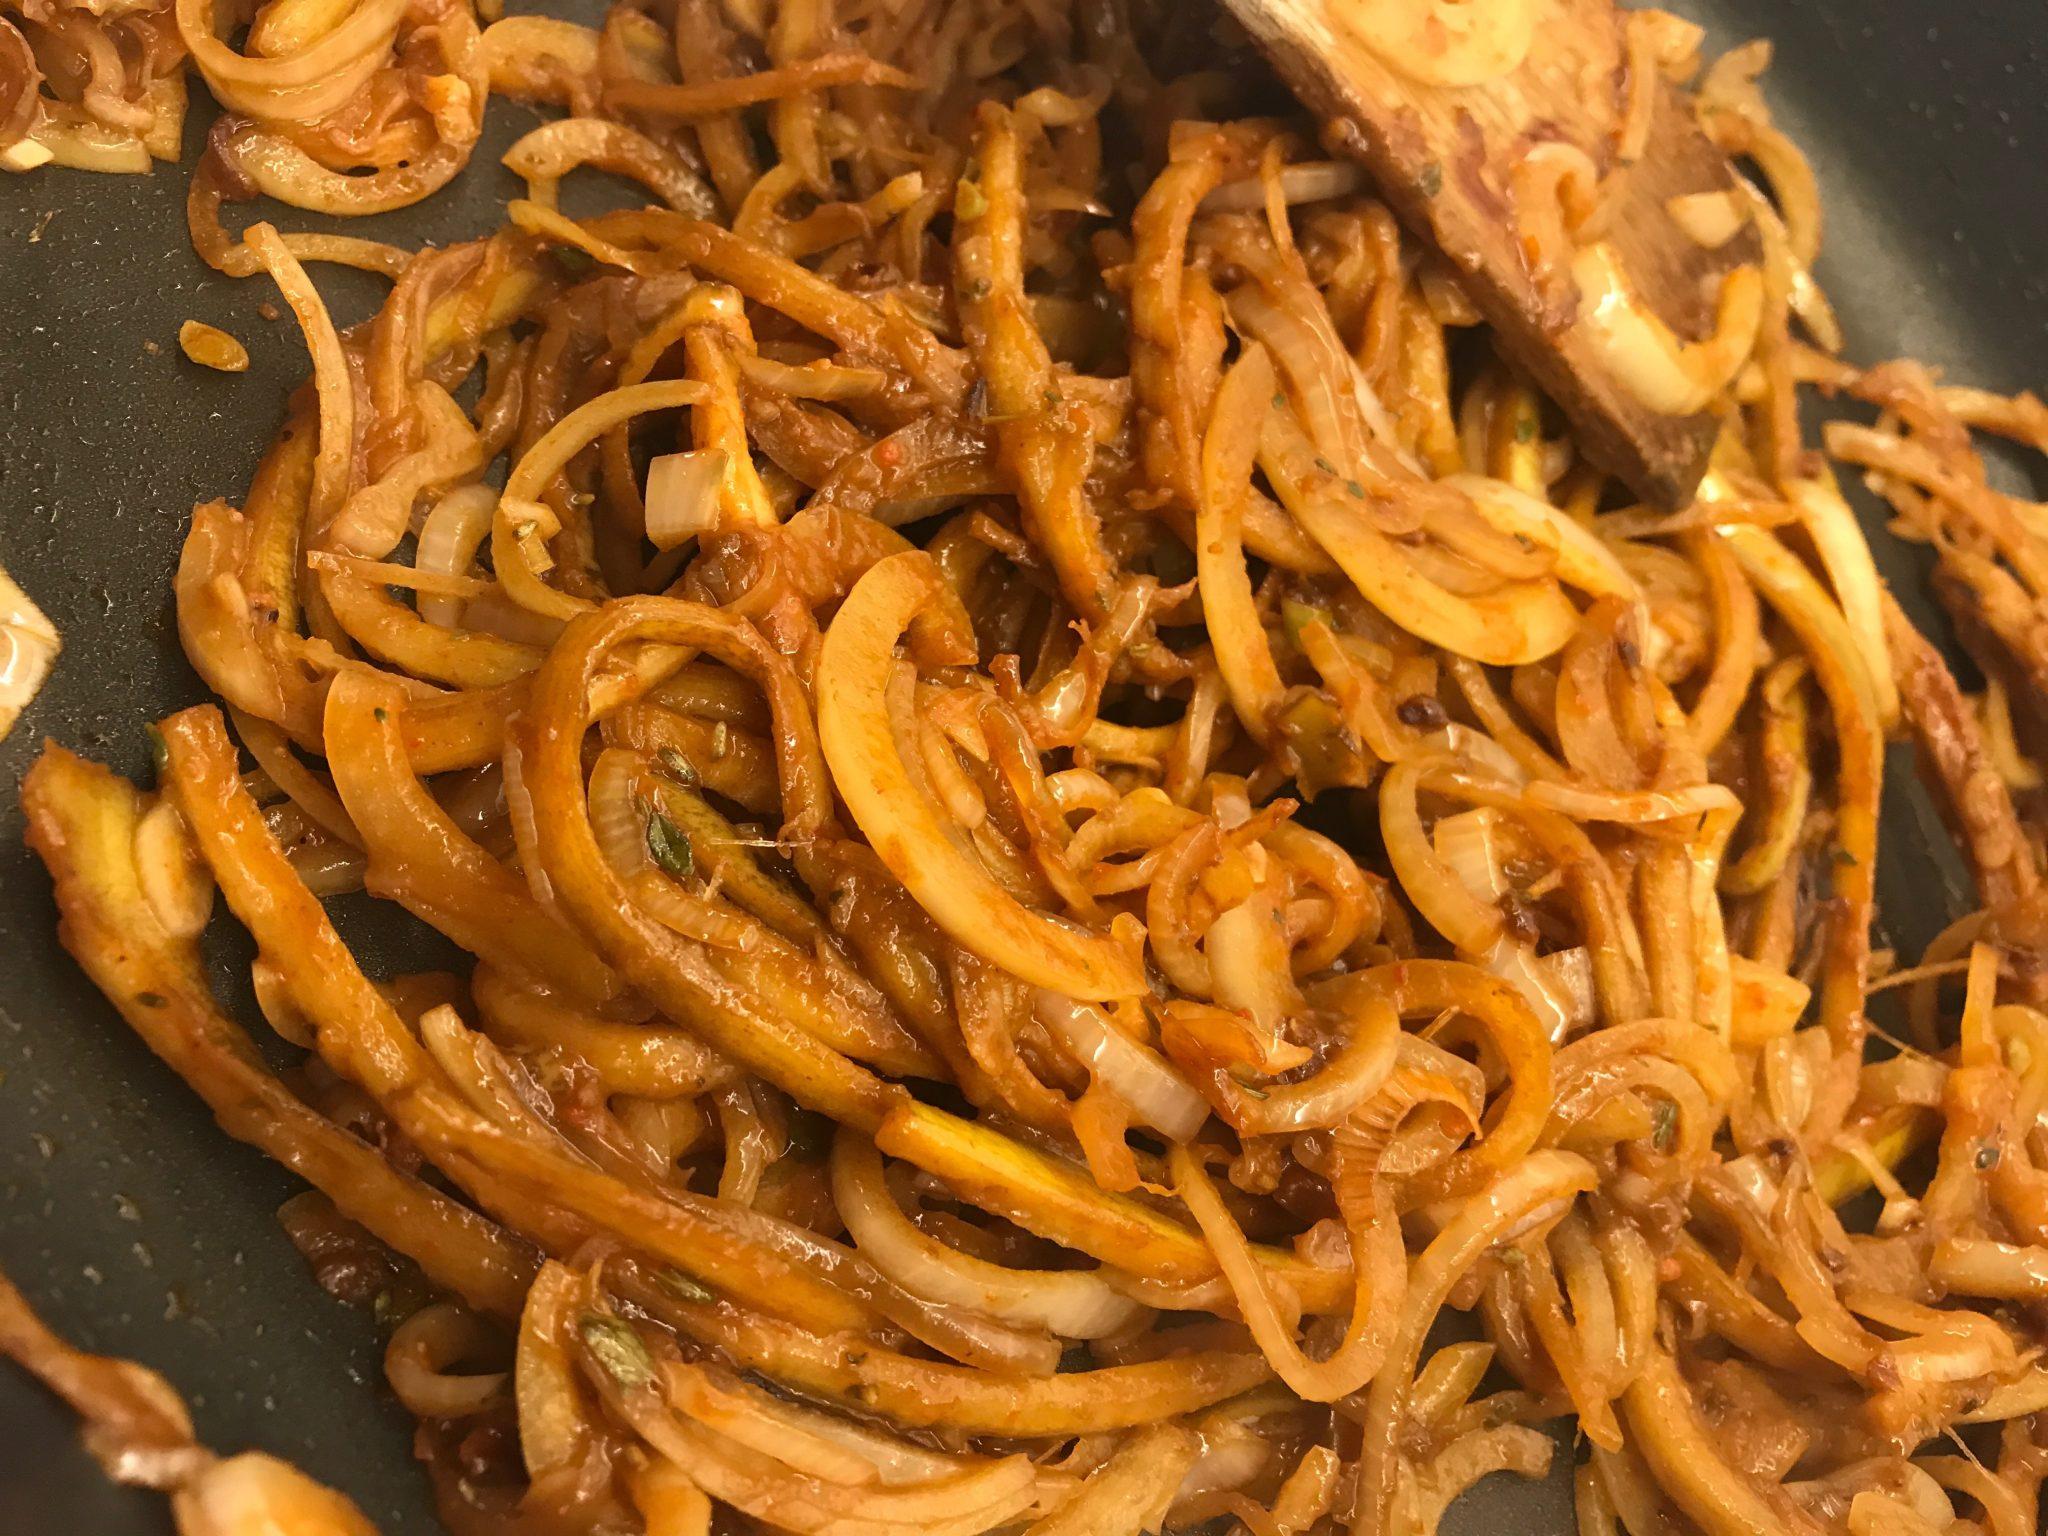 Das fertige vegane Pulled Pork aus Bananenschalen in einer Pfanne